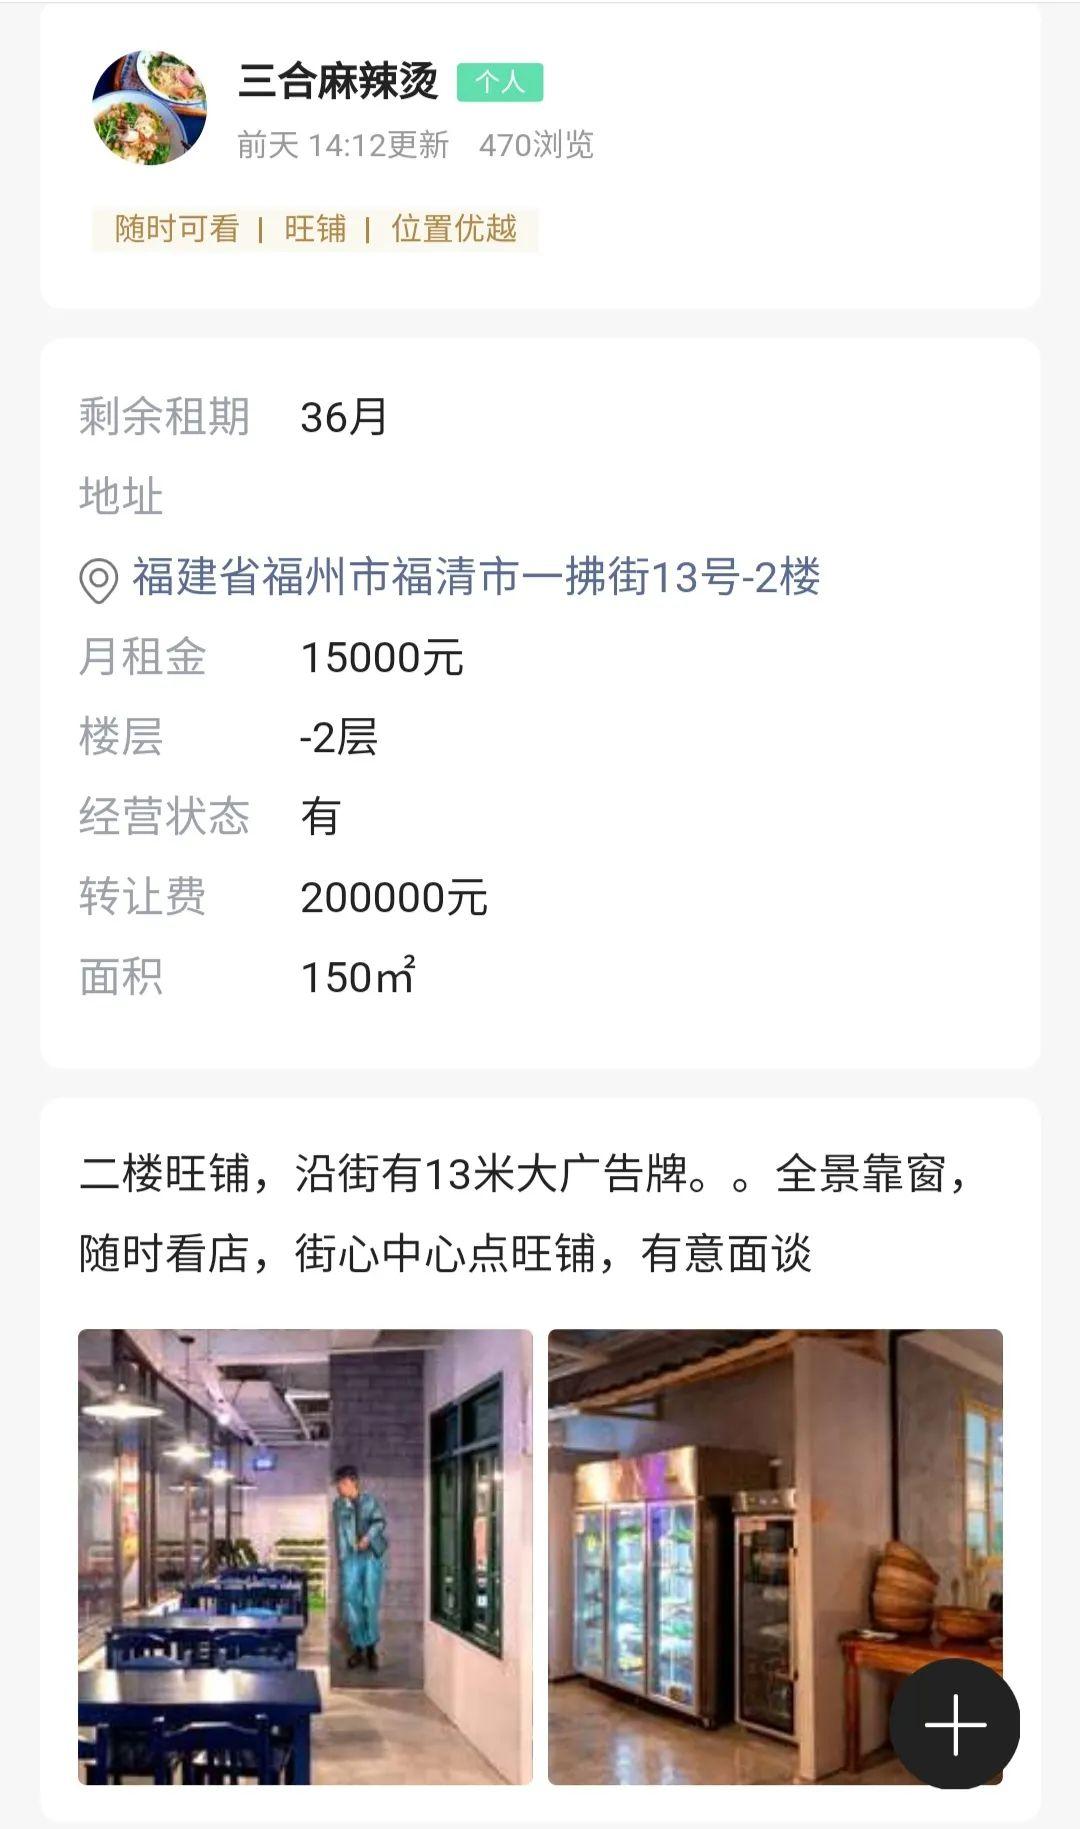 福清商鋪轉讓:月租5800元,臨街,雙層,萬達店面